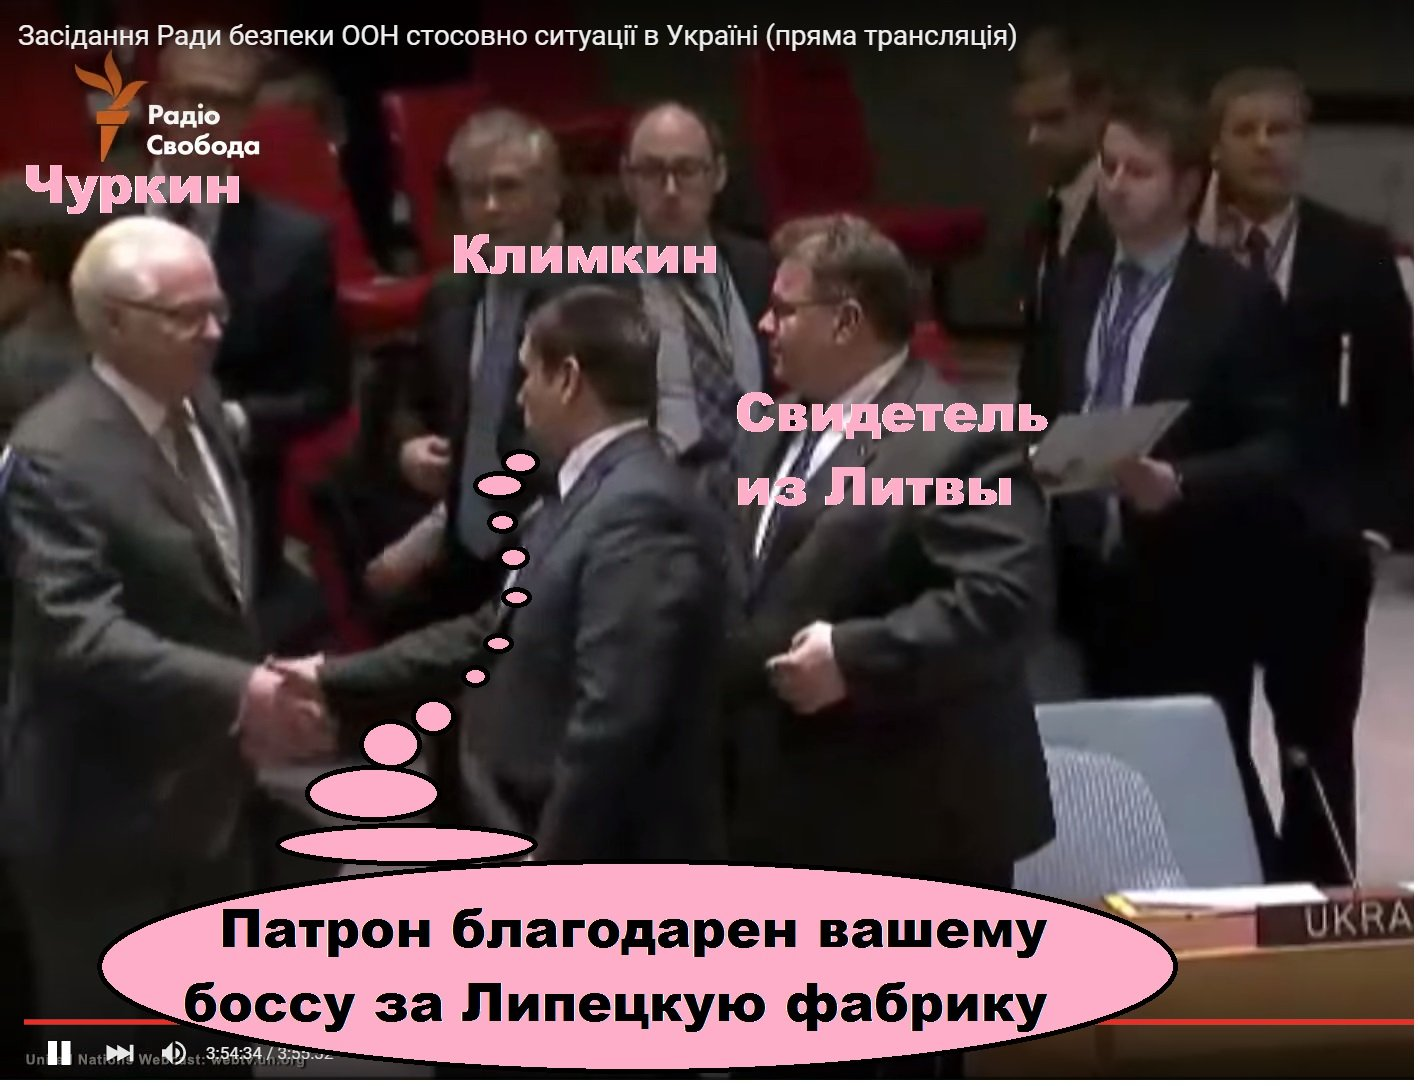 Правительство должно повысить уровень жизни украинцев за год-два, - Порошенко - Цензор.НЕТ 7472